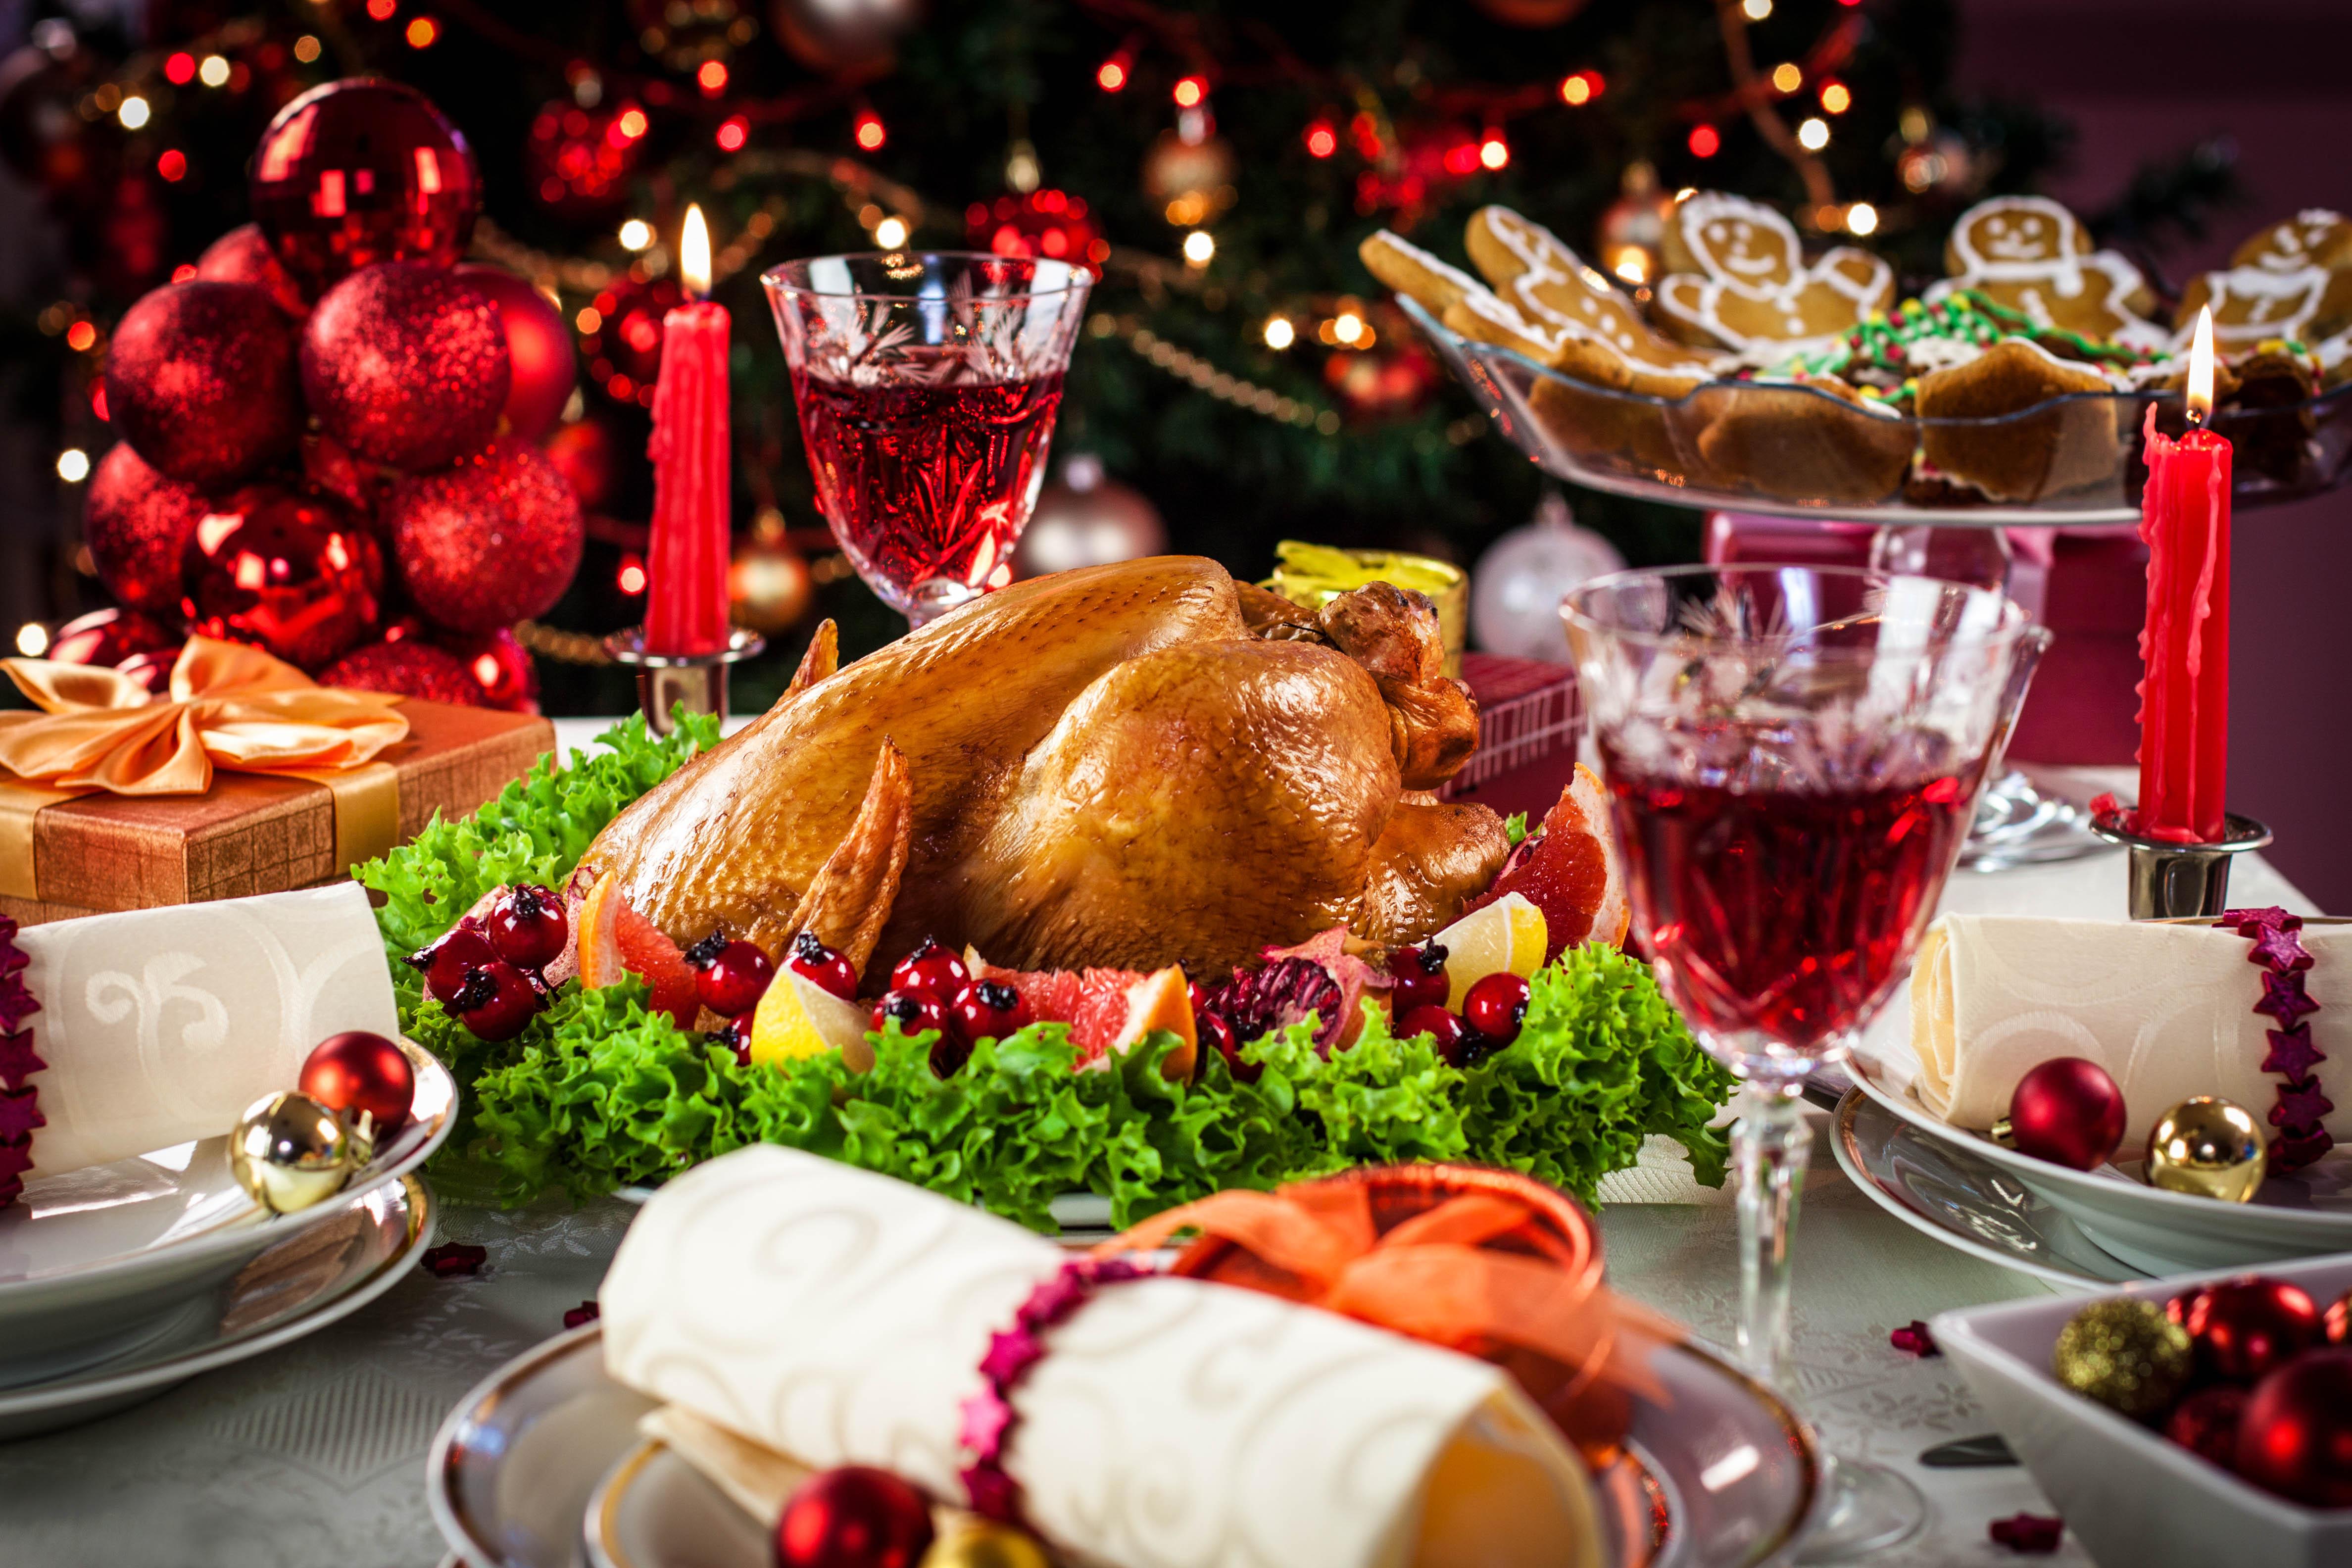 Spanien Weihnachten so wird weihnachten weltweit gefeiert